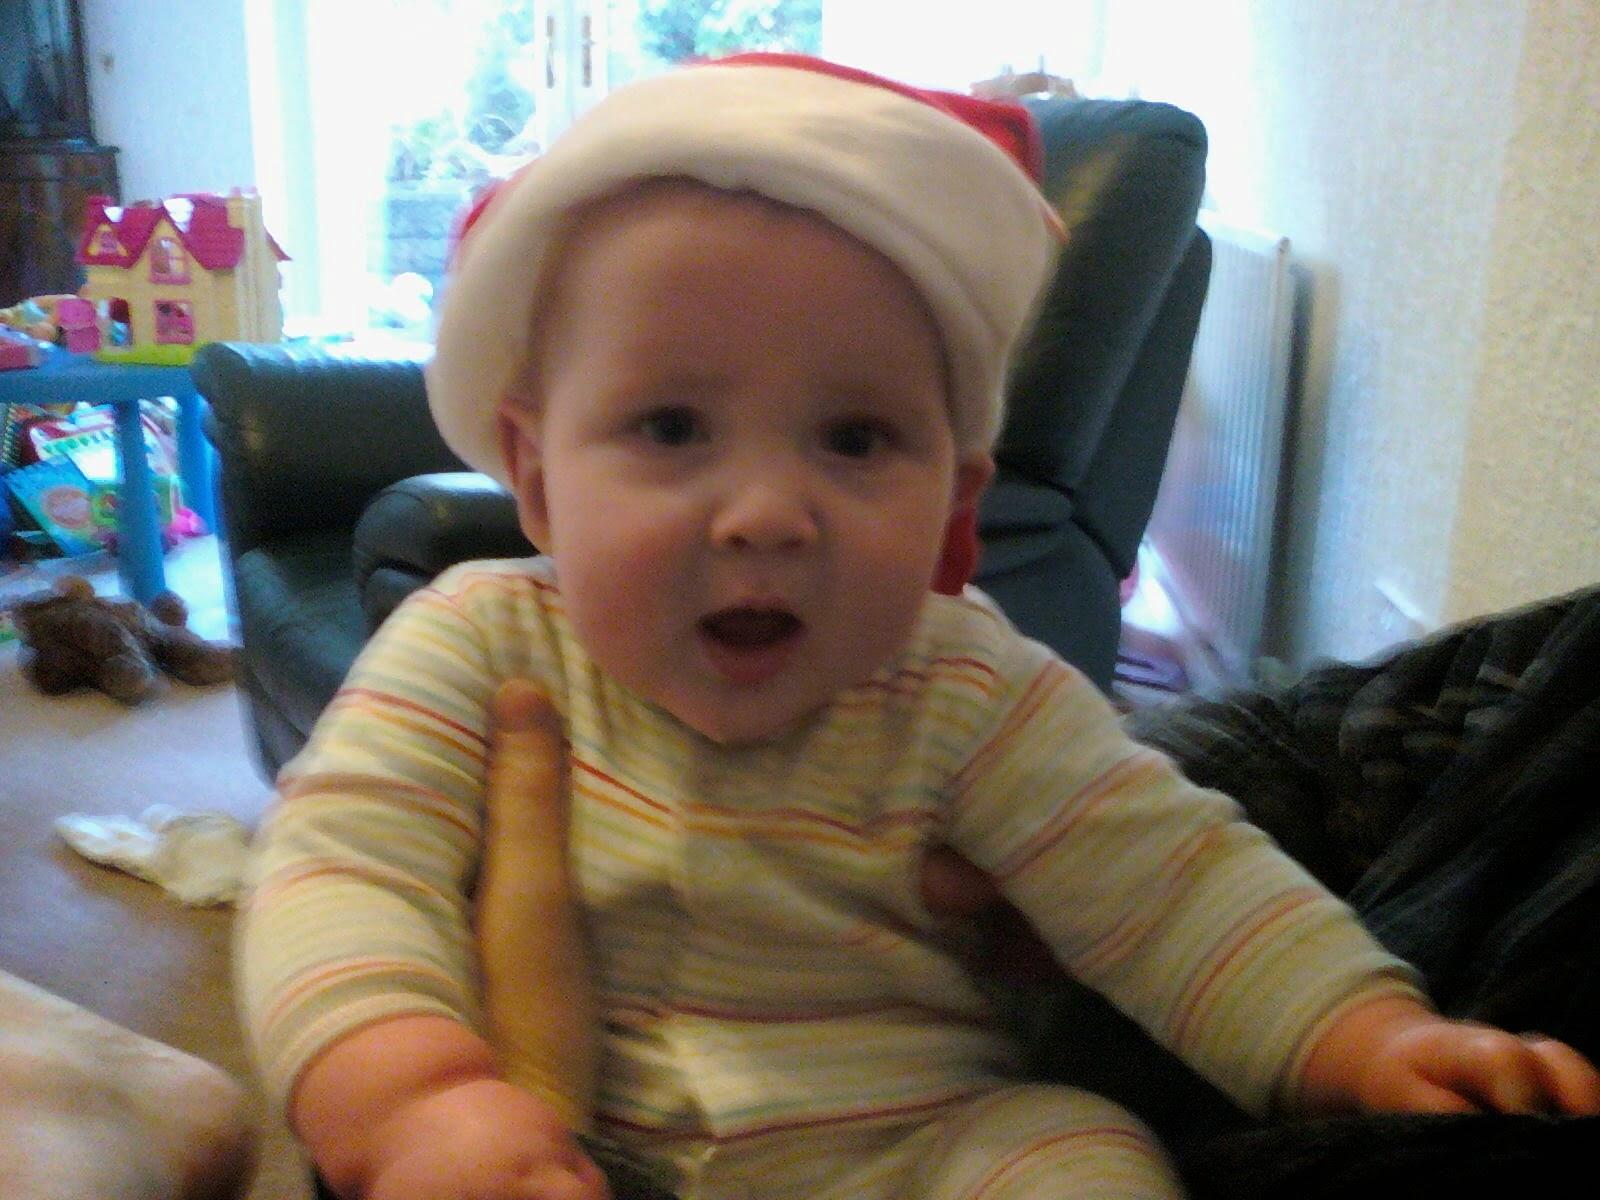 Baby Ieuan - having babies over 40 - motherdistracted.co.uk